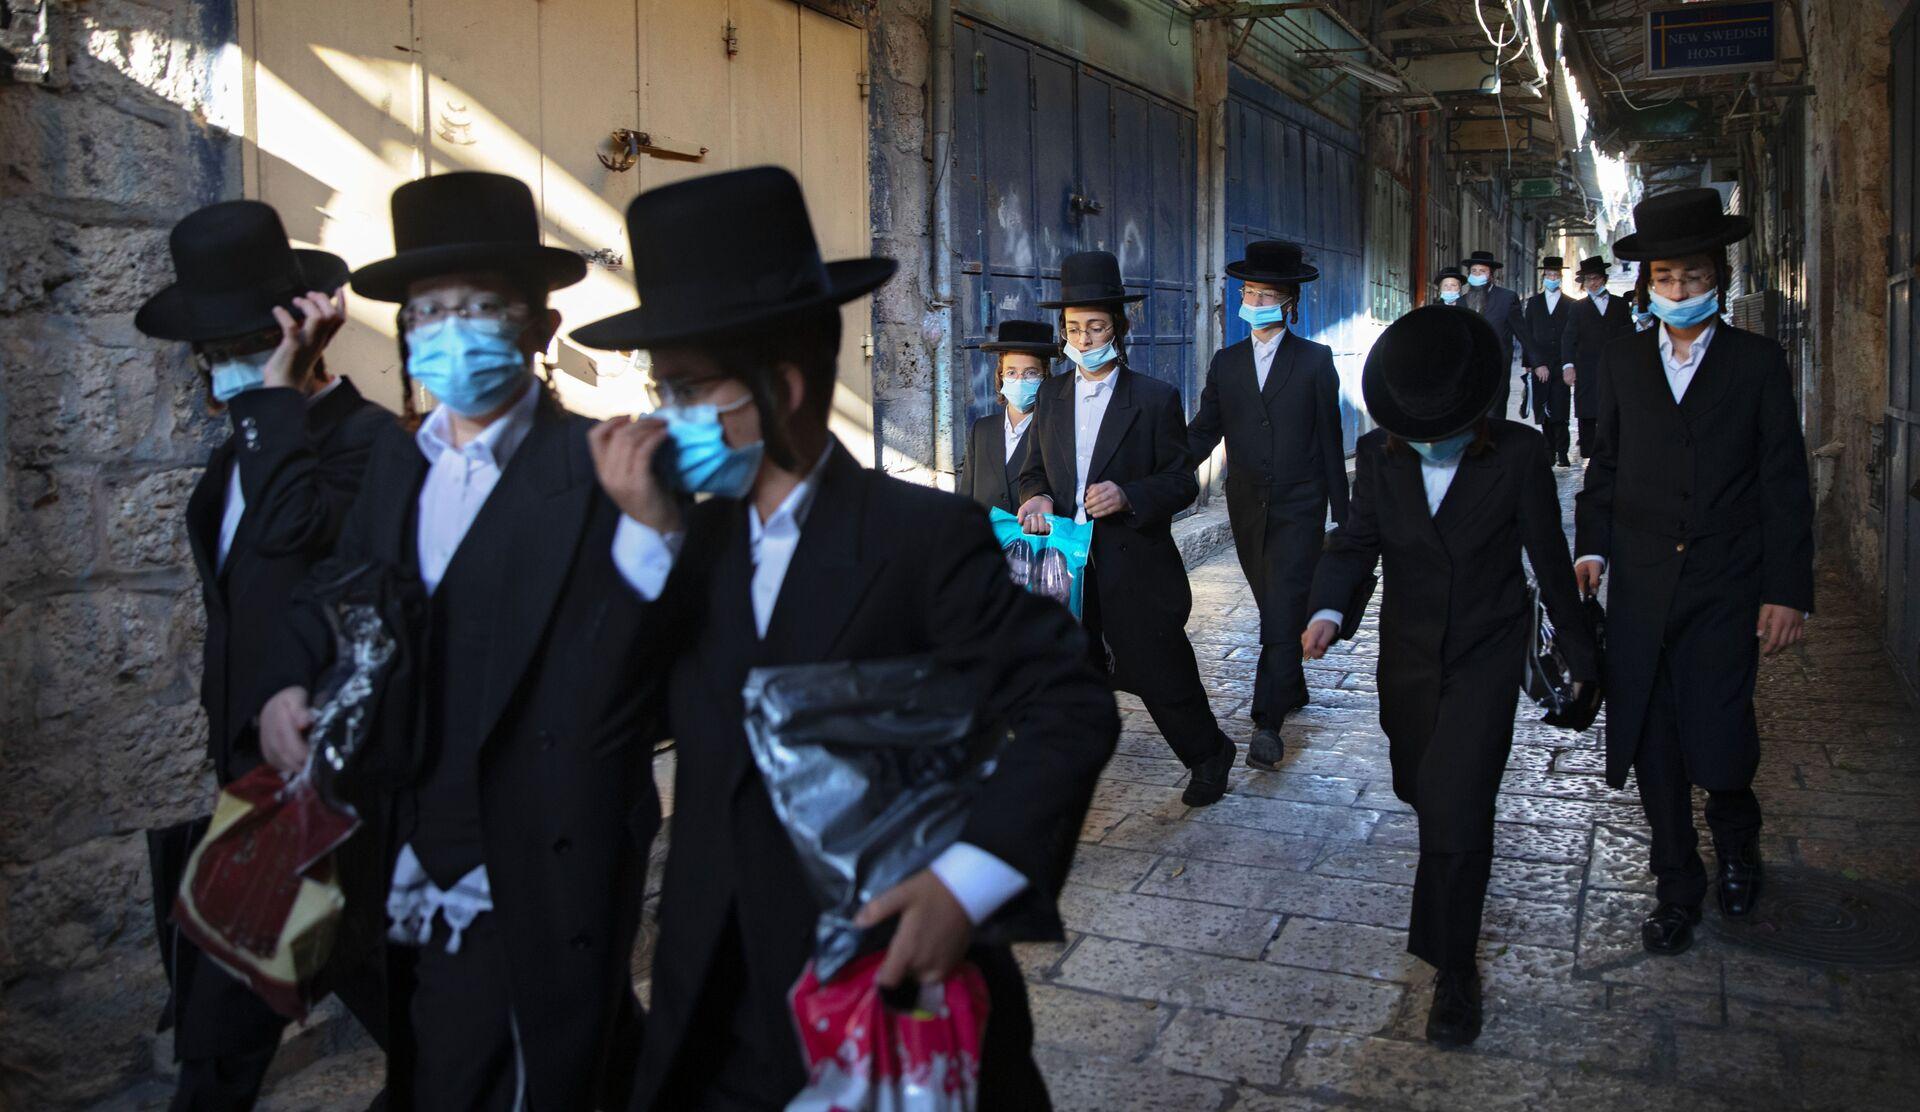 Израиль - ортодоксальные евреи в масках в Иерусалиме во время пандемии COVID 19 - Sputnik Грузия, 1920, 14.09.2021